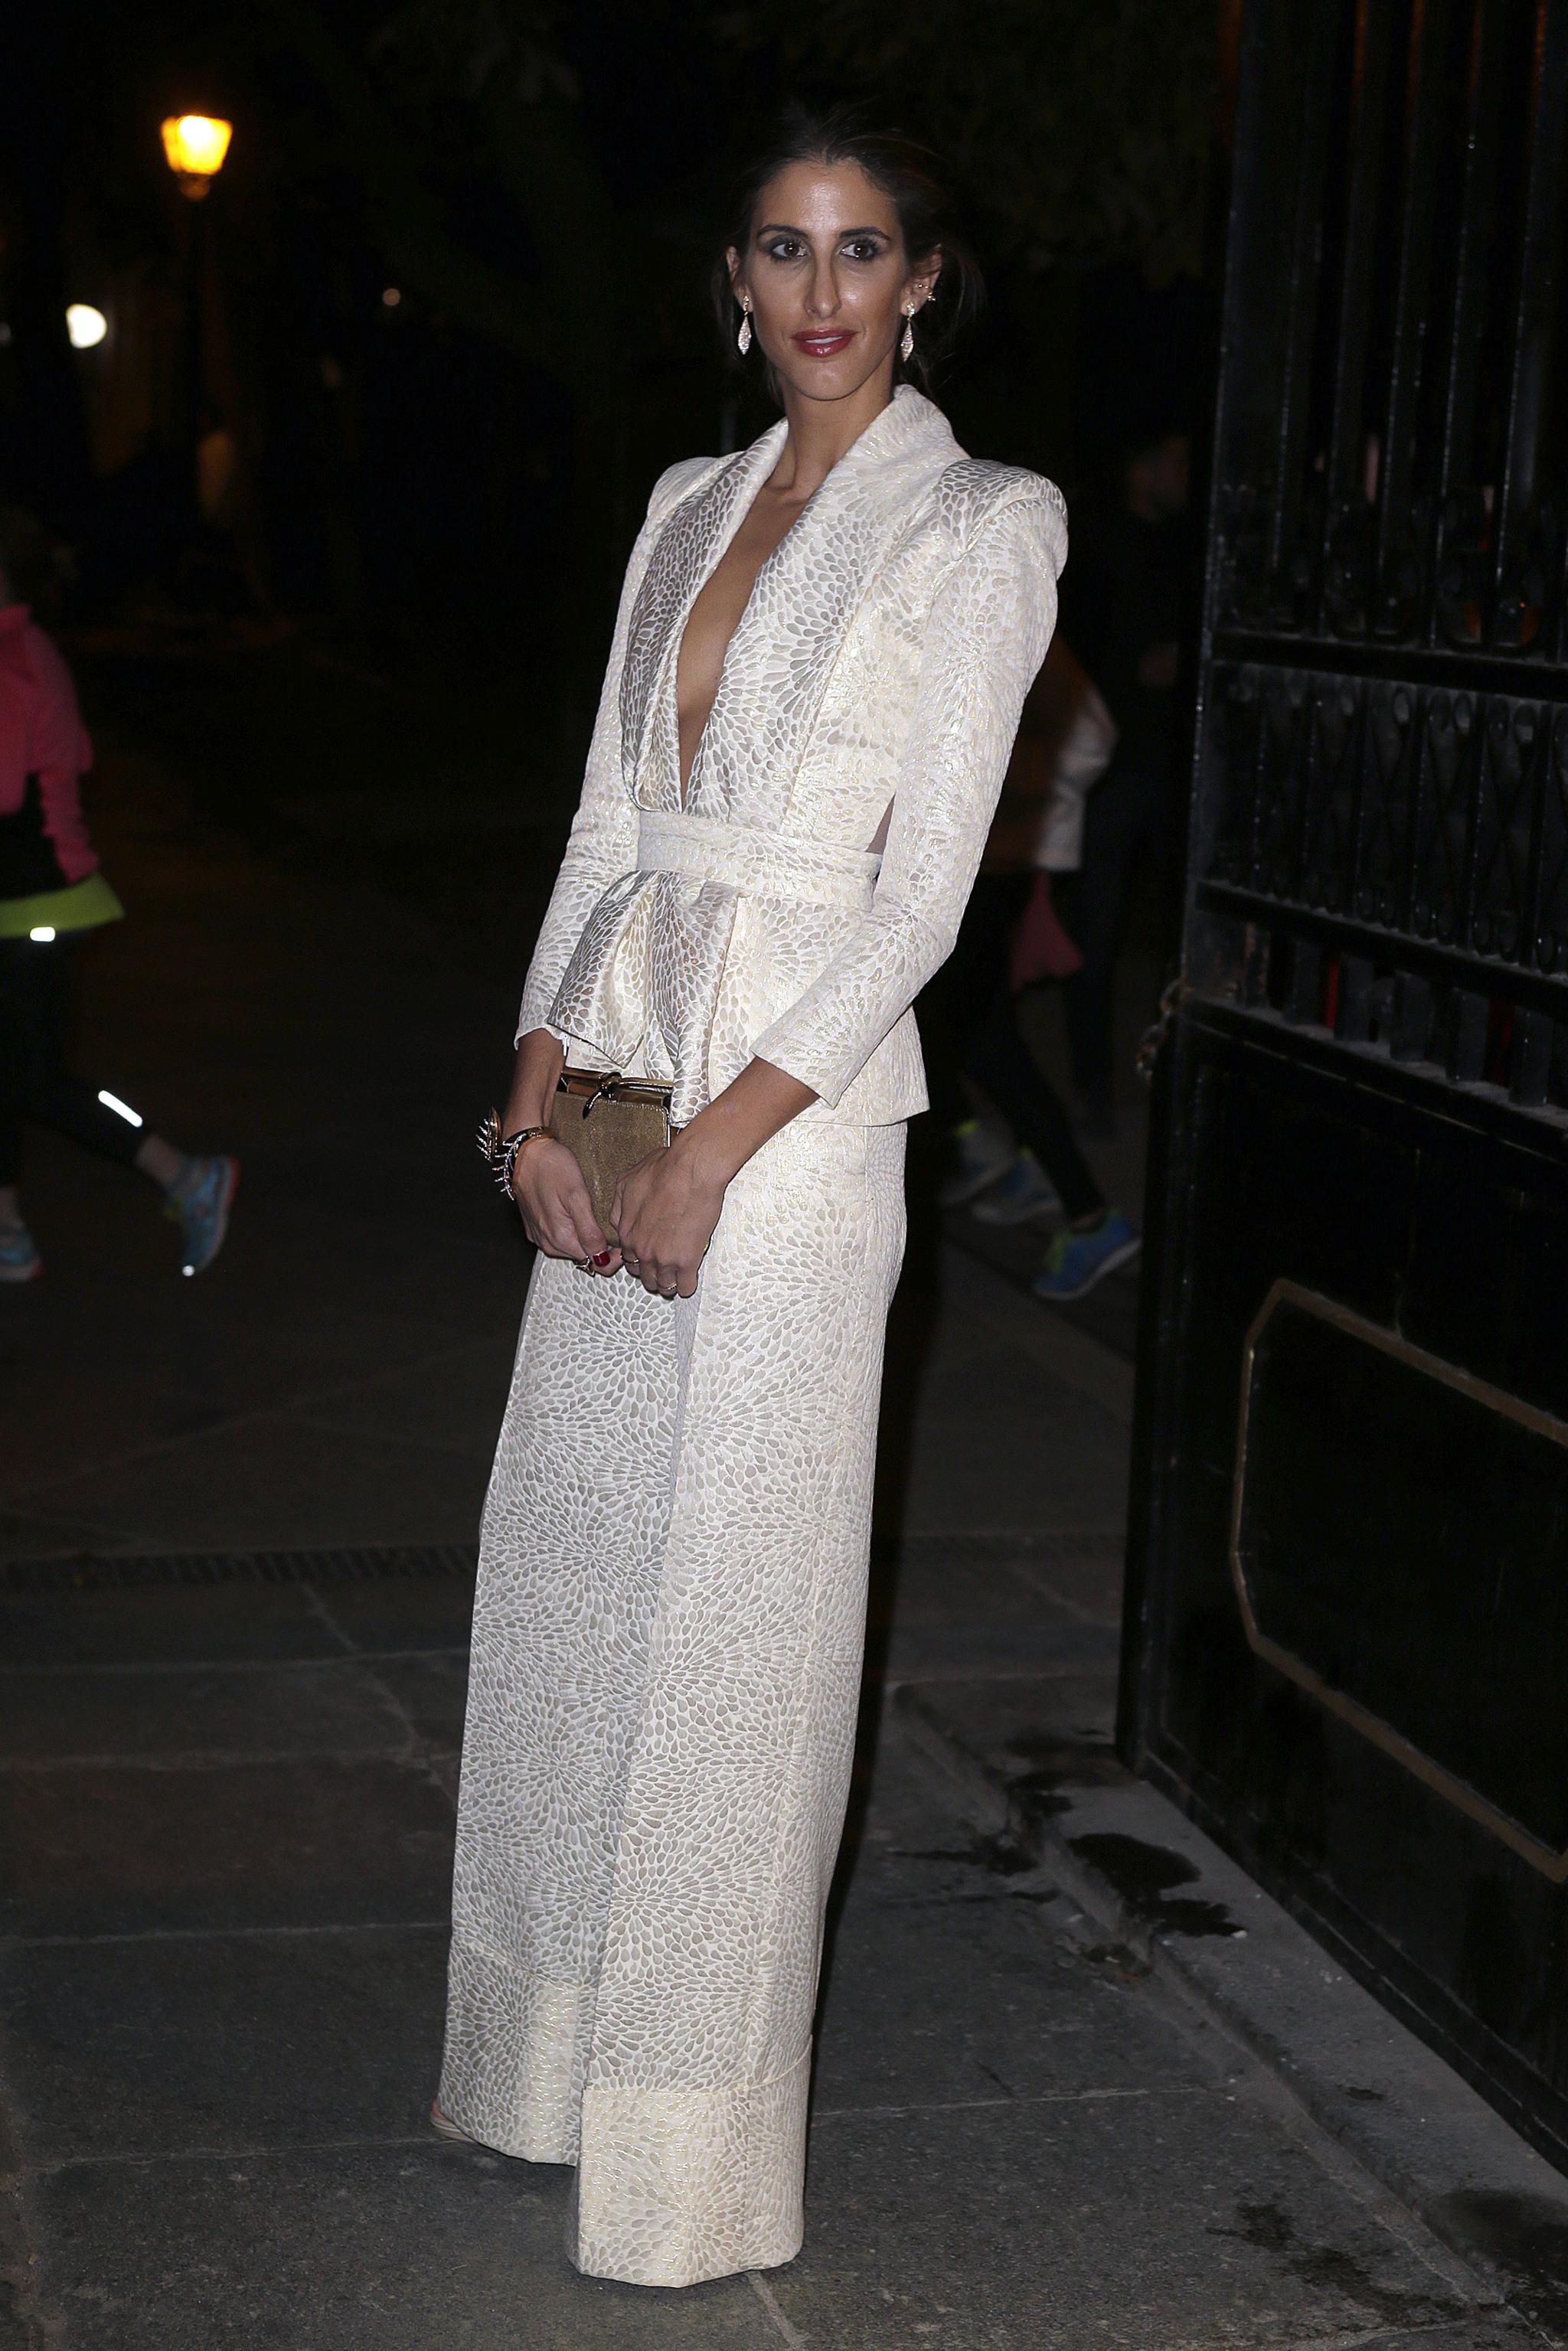 Inés Domecq en un evento de moda en Madrid.